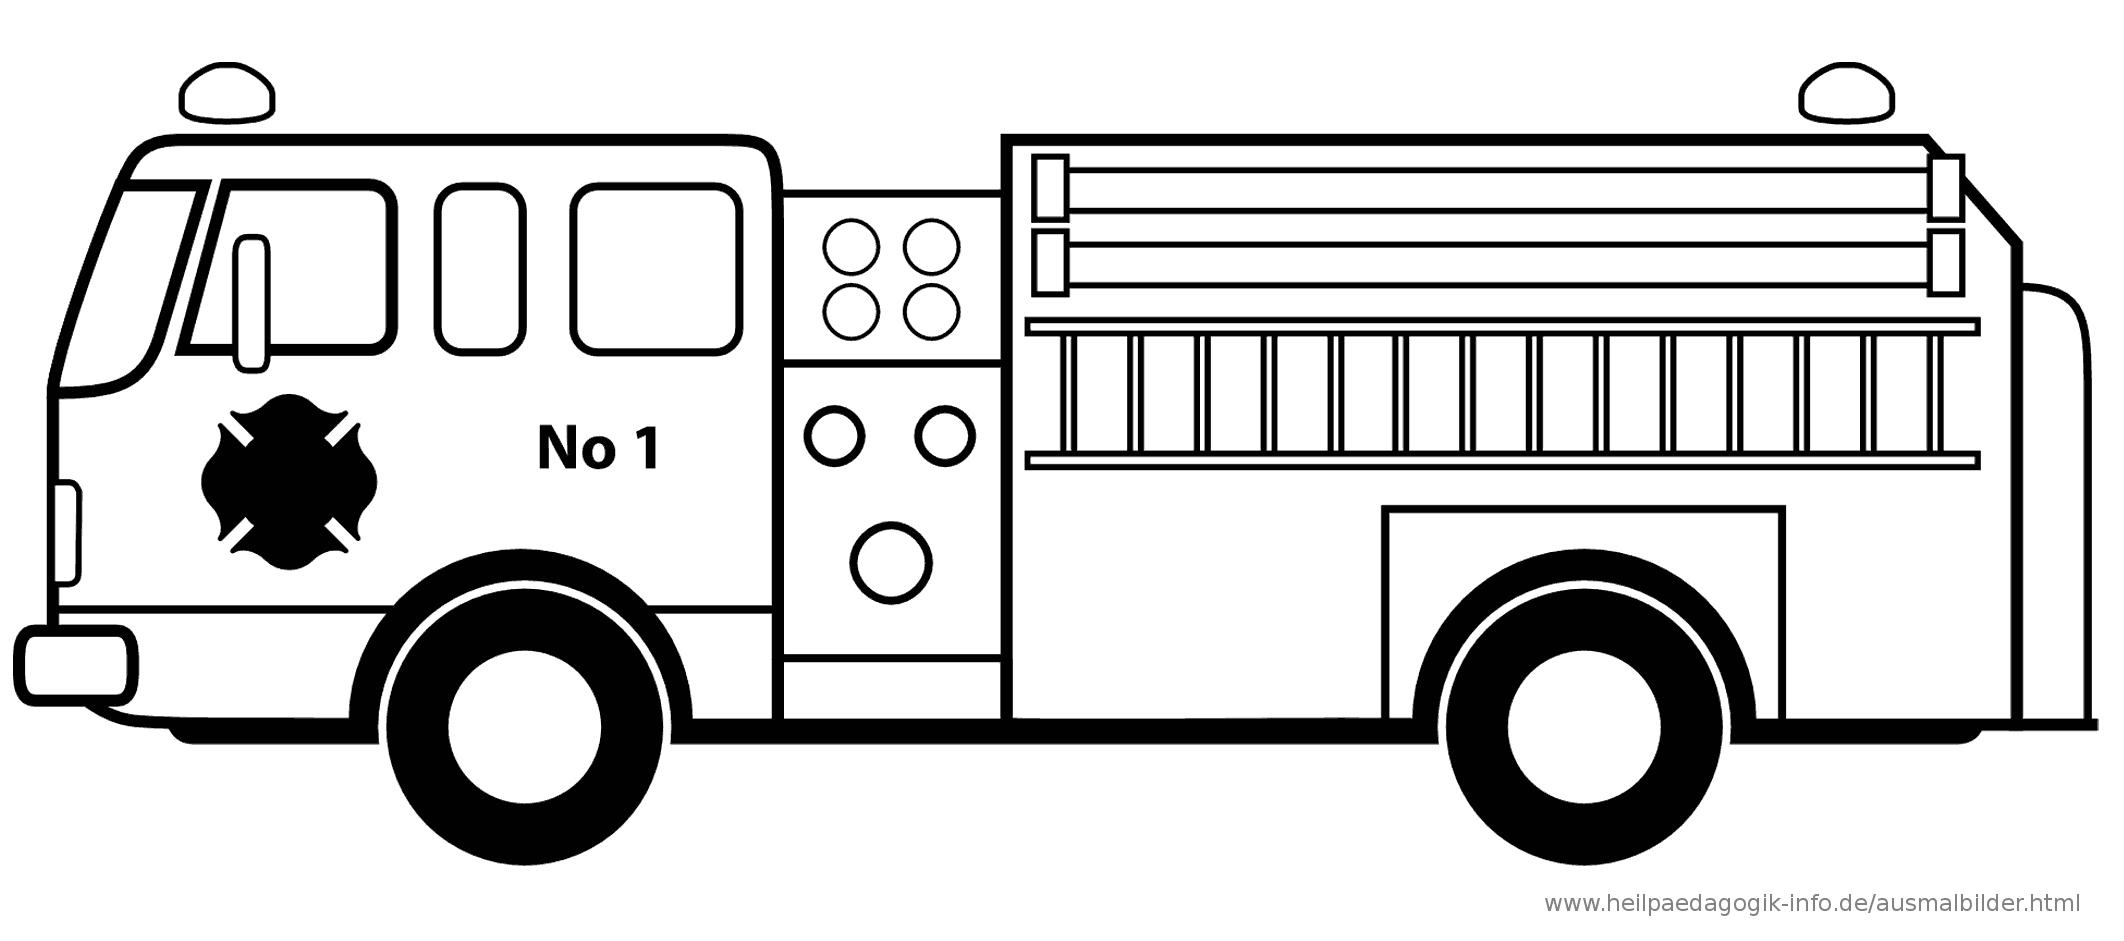 Einzigartig Ausmalbild Krankenwagen | Malvorlagen, Ausmalen ganzes Krankenwagen Ausmalbild